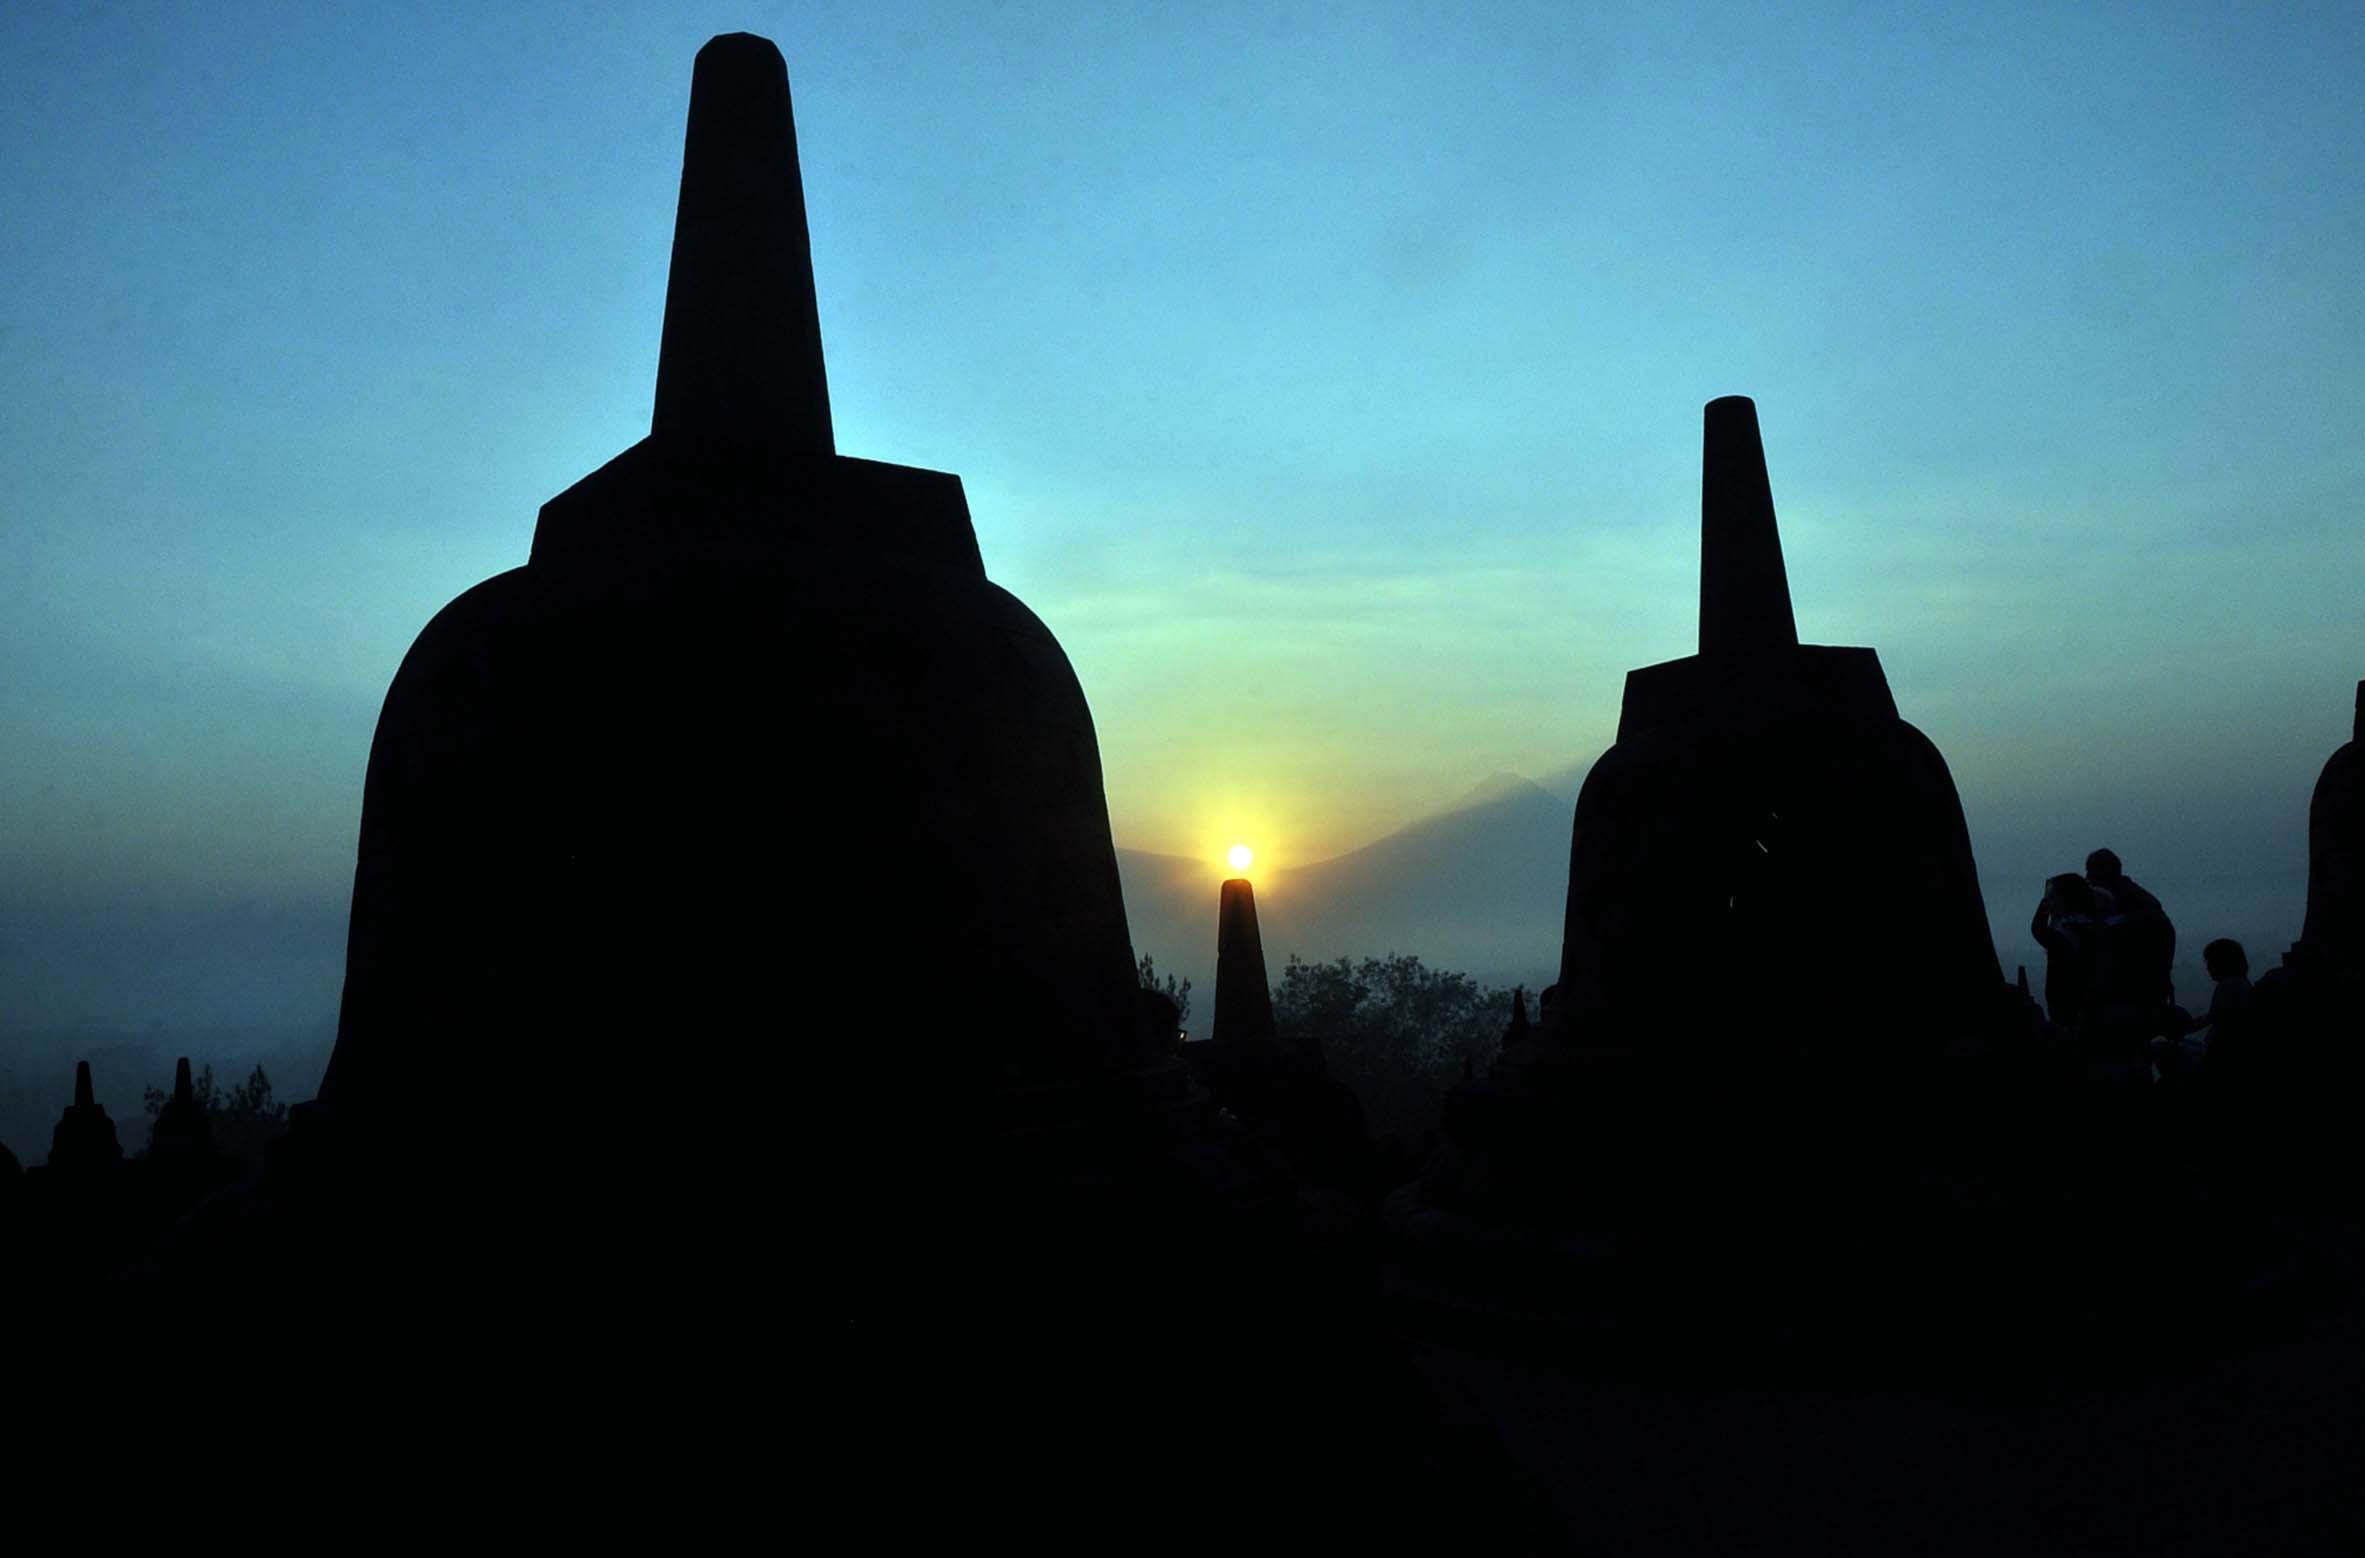 Wisatawan menyaksikan matahari terbit dari Candi Borobudur Magelang, Jateng, Rabu (1/7). Wisata alam menyaksikan matahari terbit dari candi Borobudur menjadi salah satu tujuan favorit wisatawan dengan harga tiket Rp250.000 untuk wisatawan lokal dan Rp380.000 untuk wisatawan mancanegara. ANTARA FOTO/Anis Efizudin.